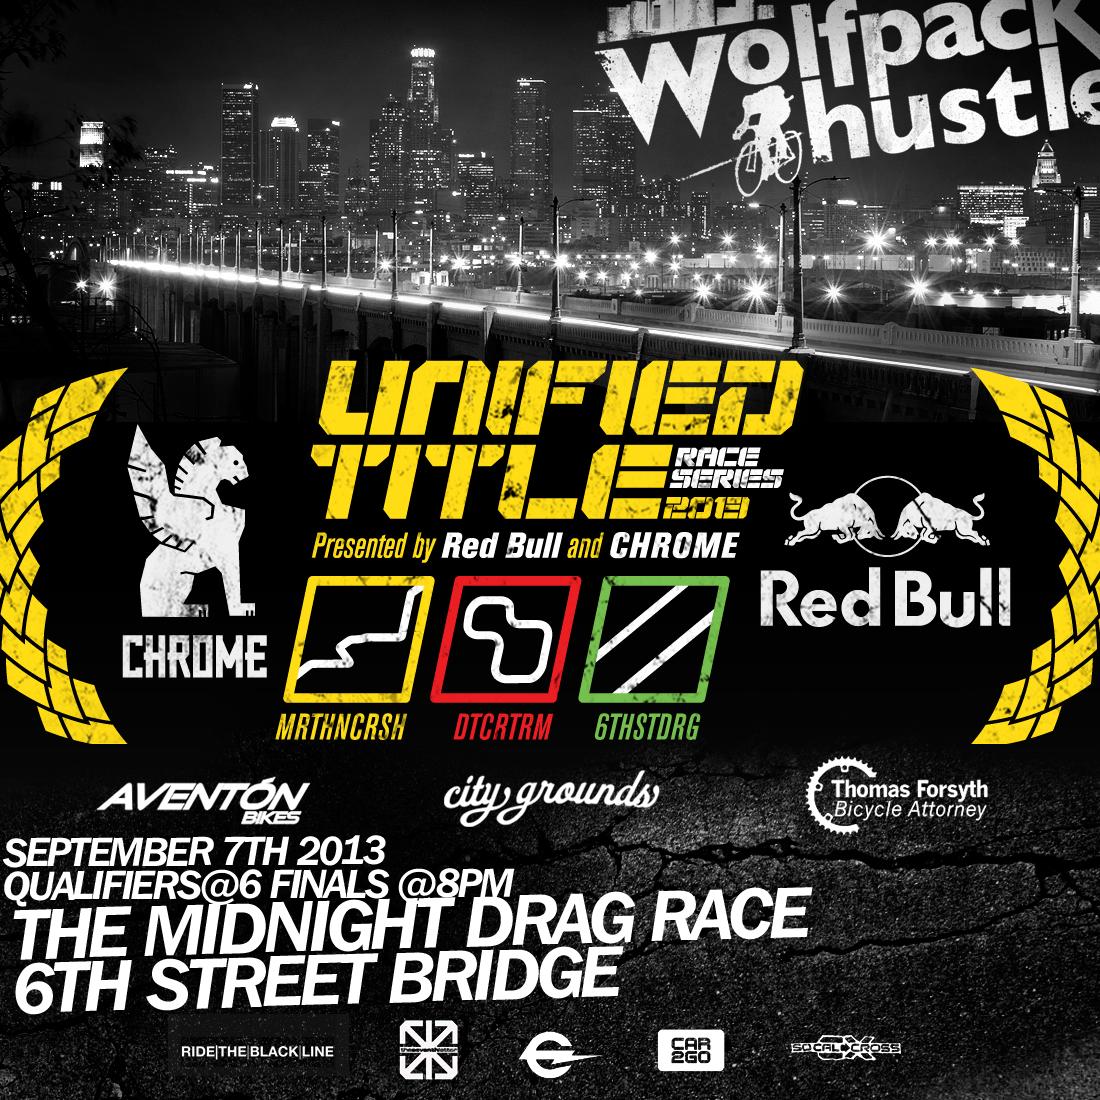 The Midnight Drag Race 2013